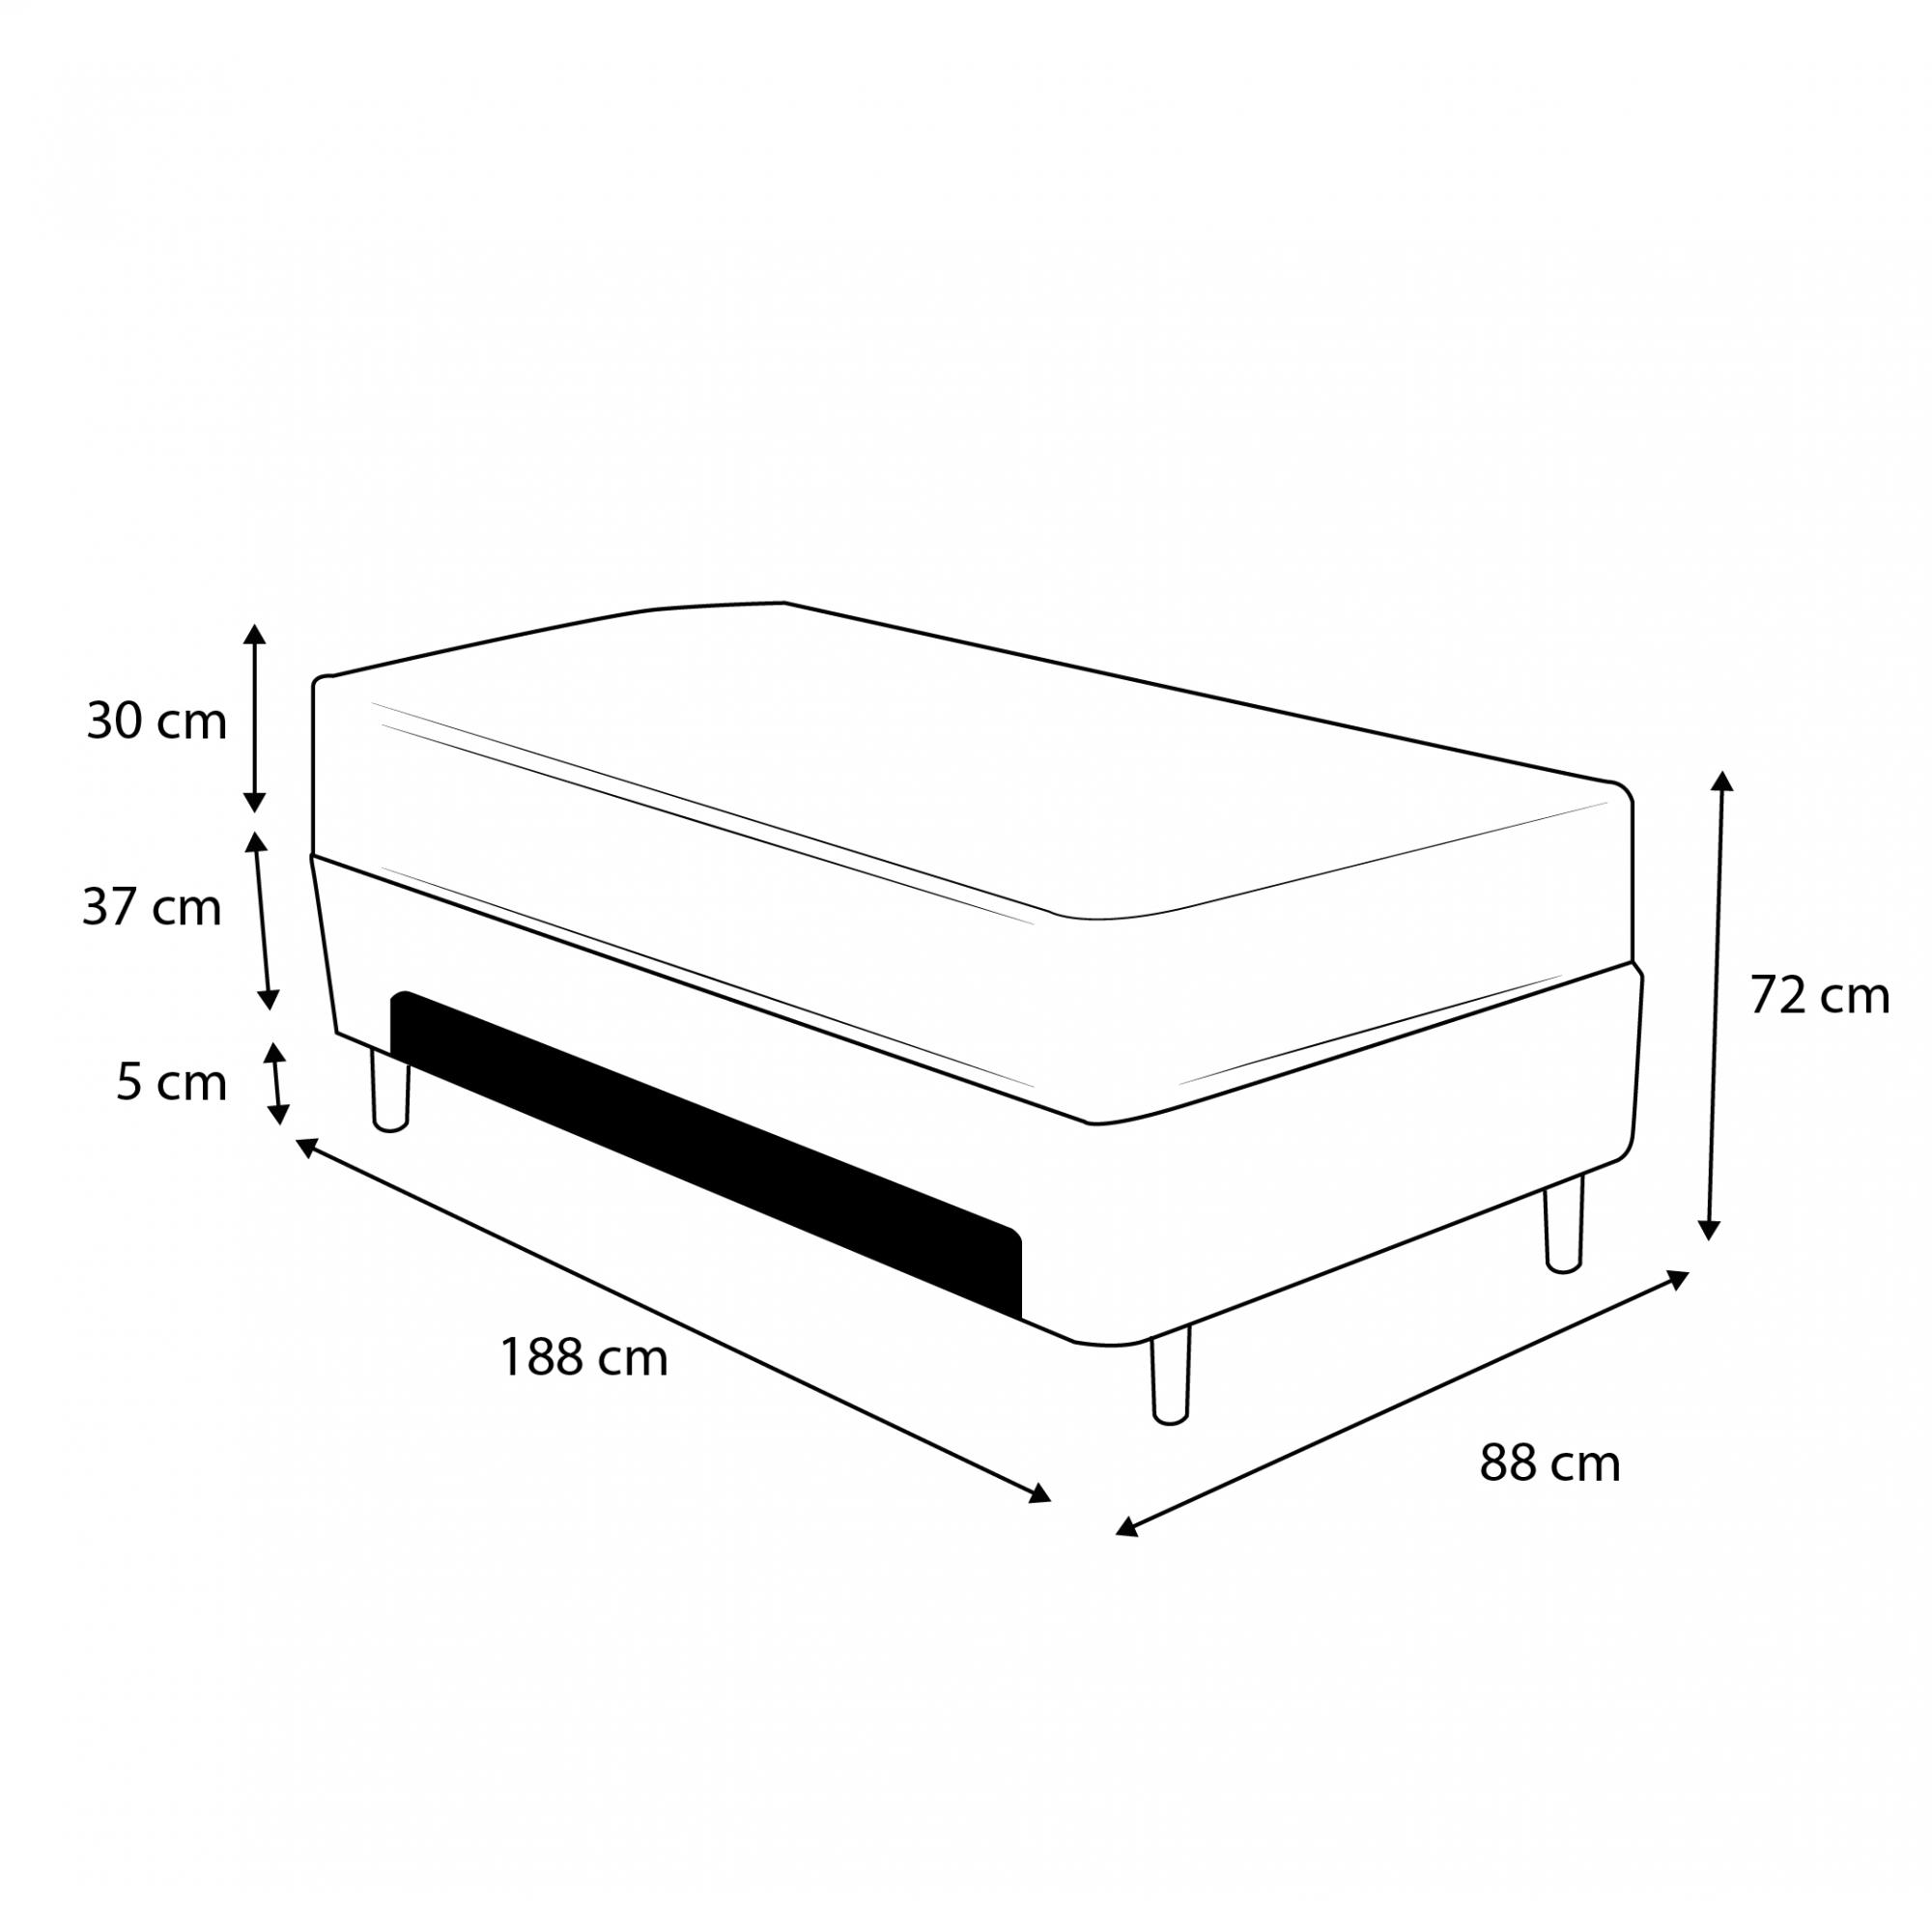 Cama Box Baú Auxiliar Solteiro Preta + Colchão Comfort Maxx Extra Firme D33 Solteiro - Comfort Prime 88x188x72cm